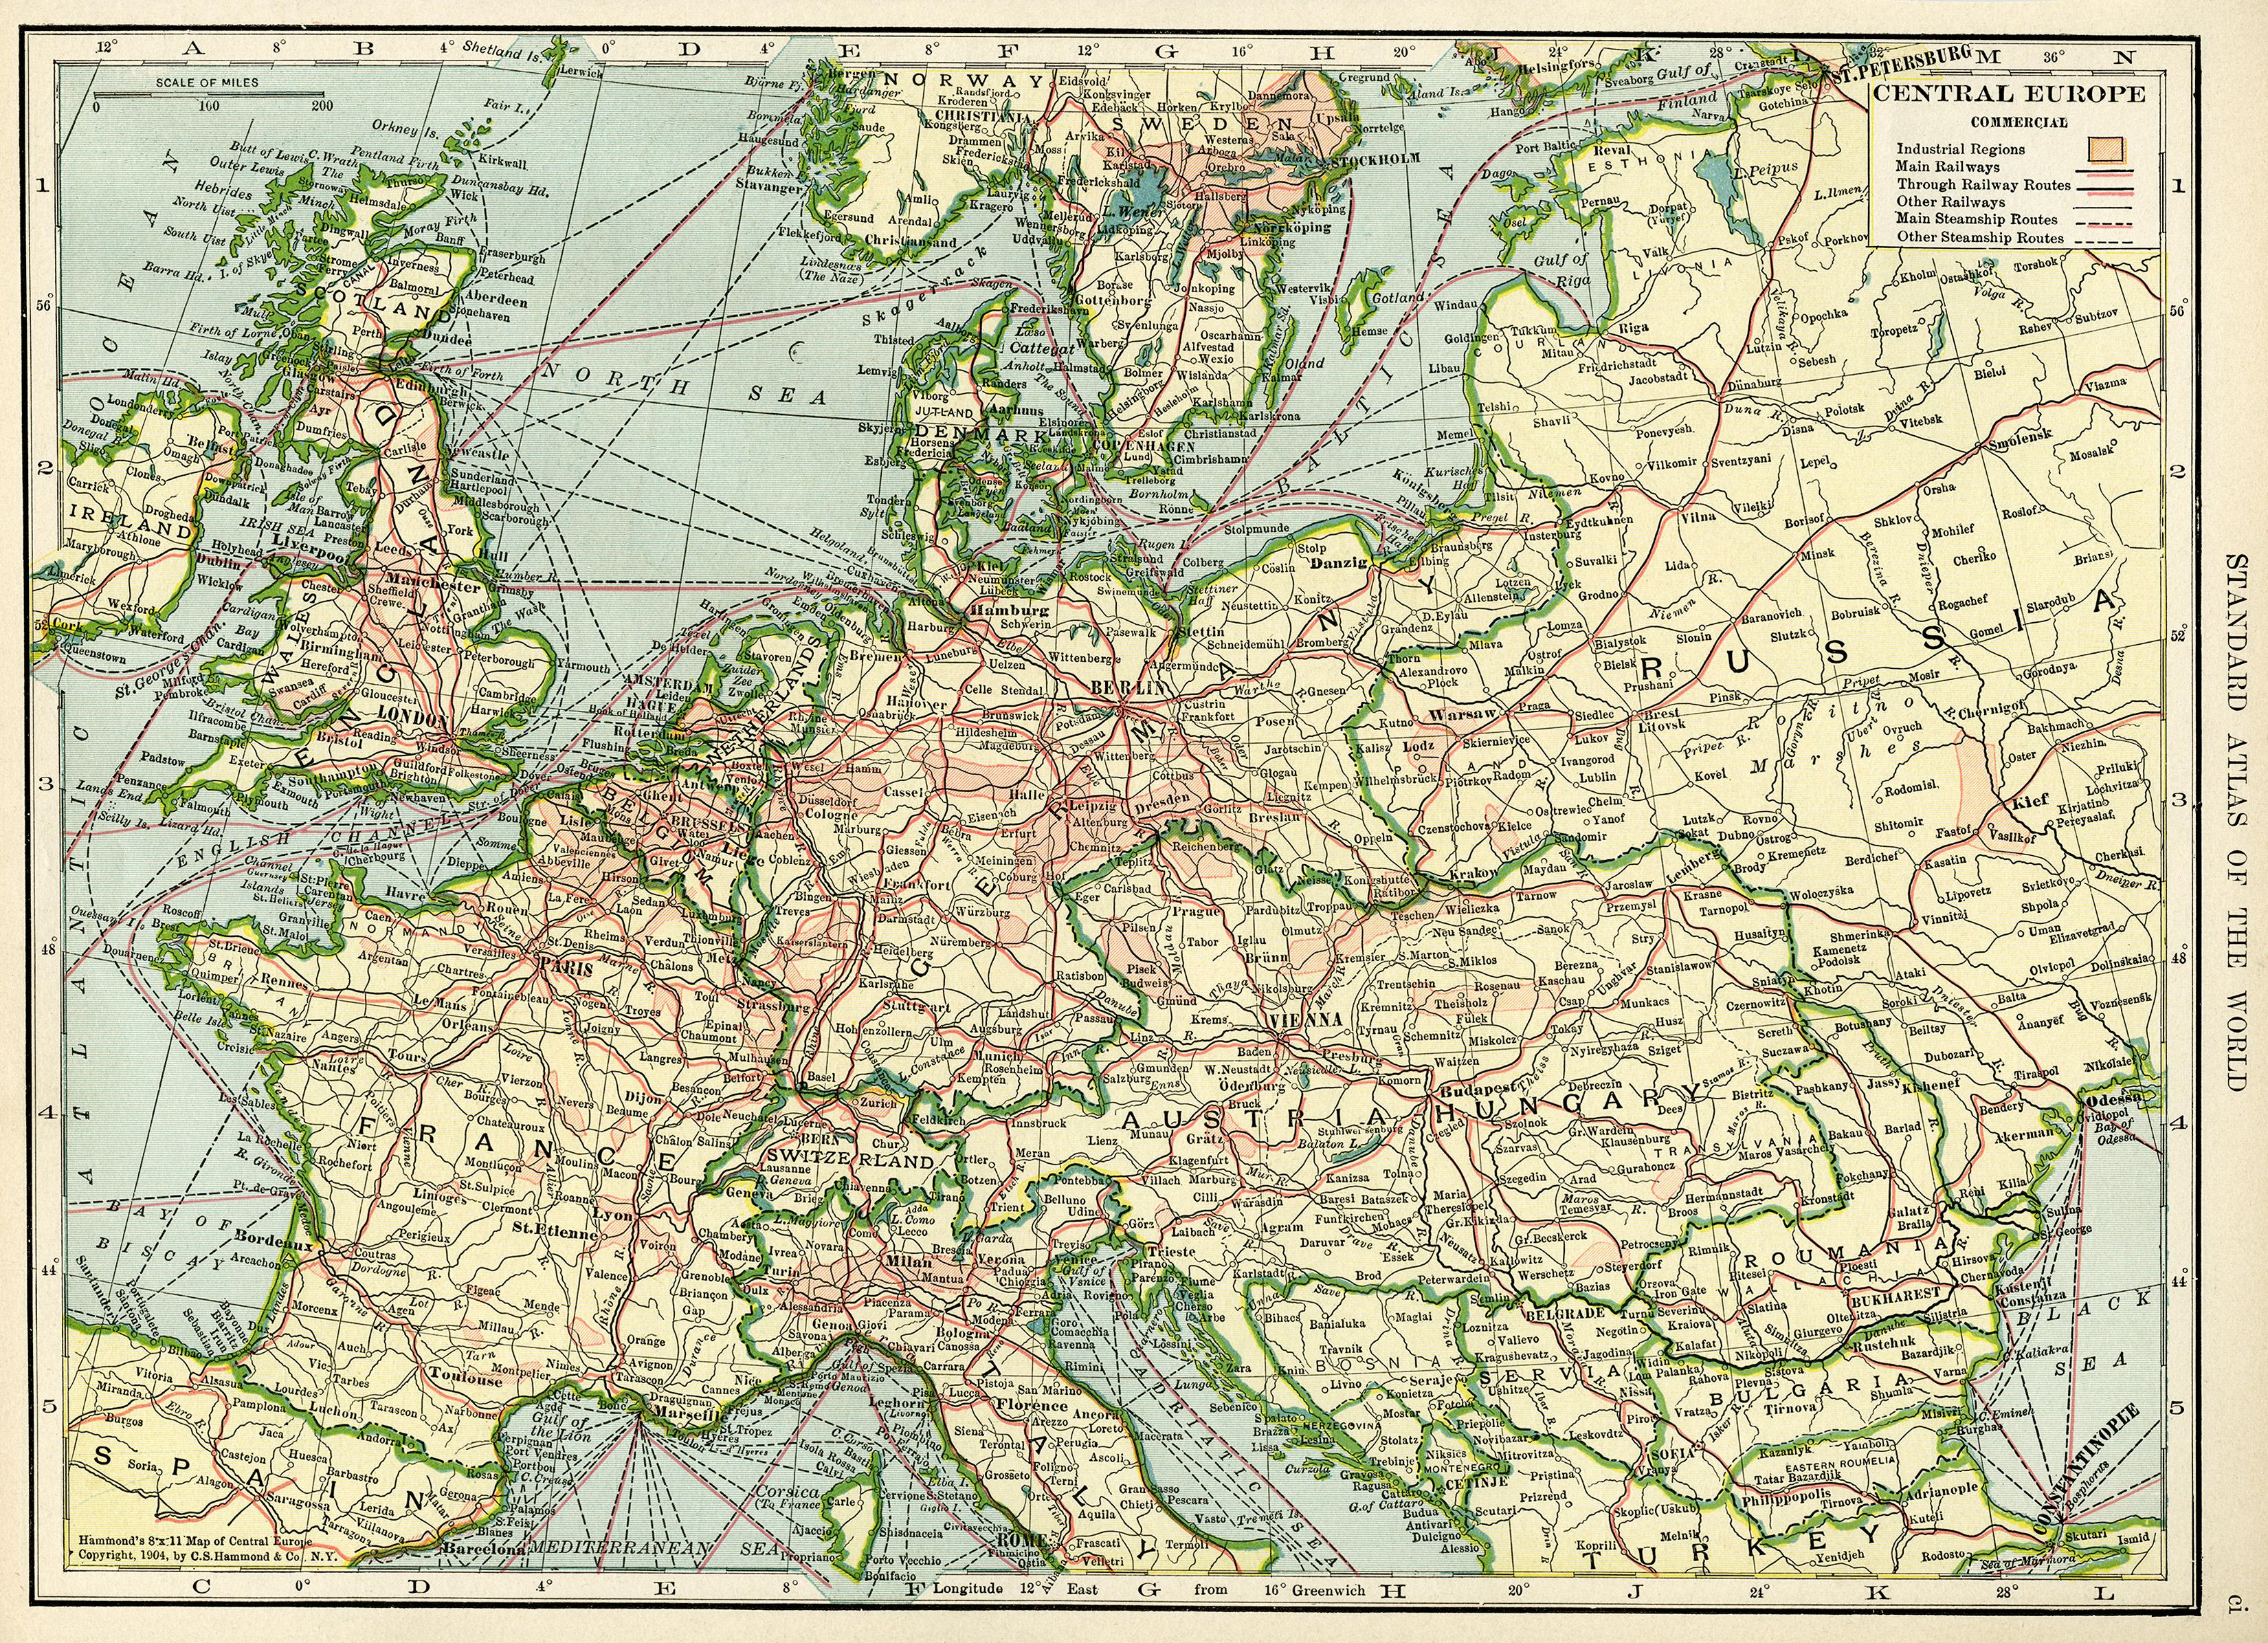 Старая карта Европы (1906 год) с большим разрешением